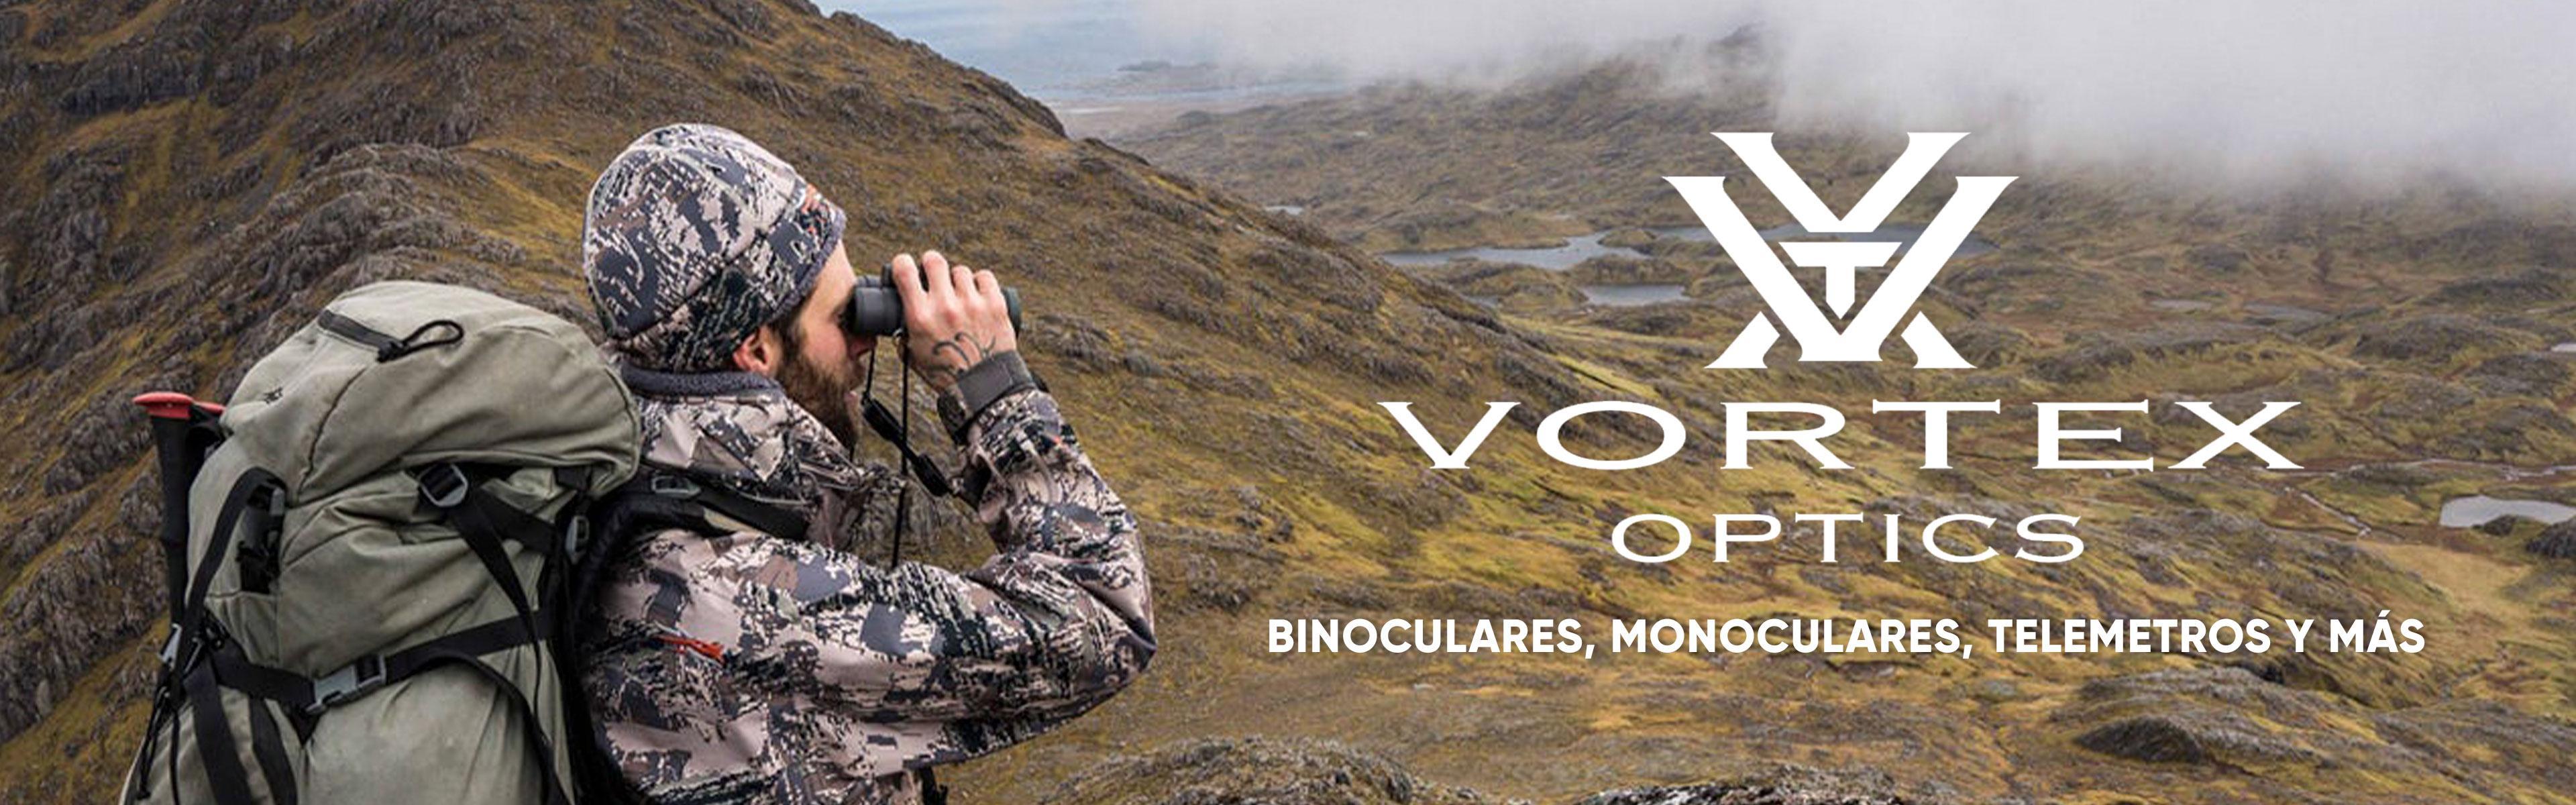 Vortex Chile